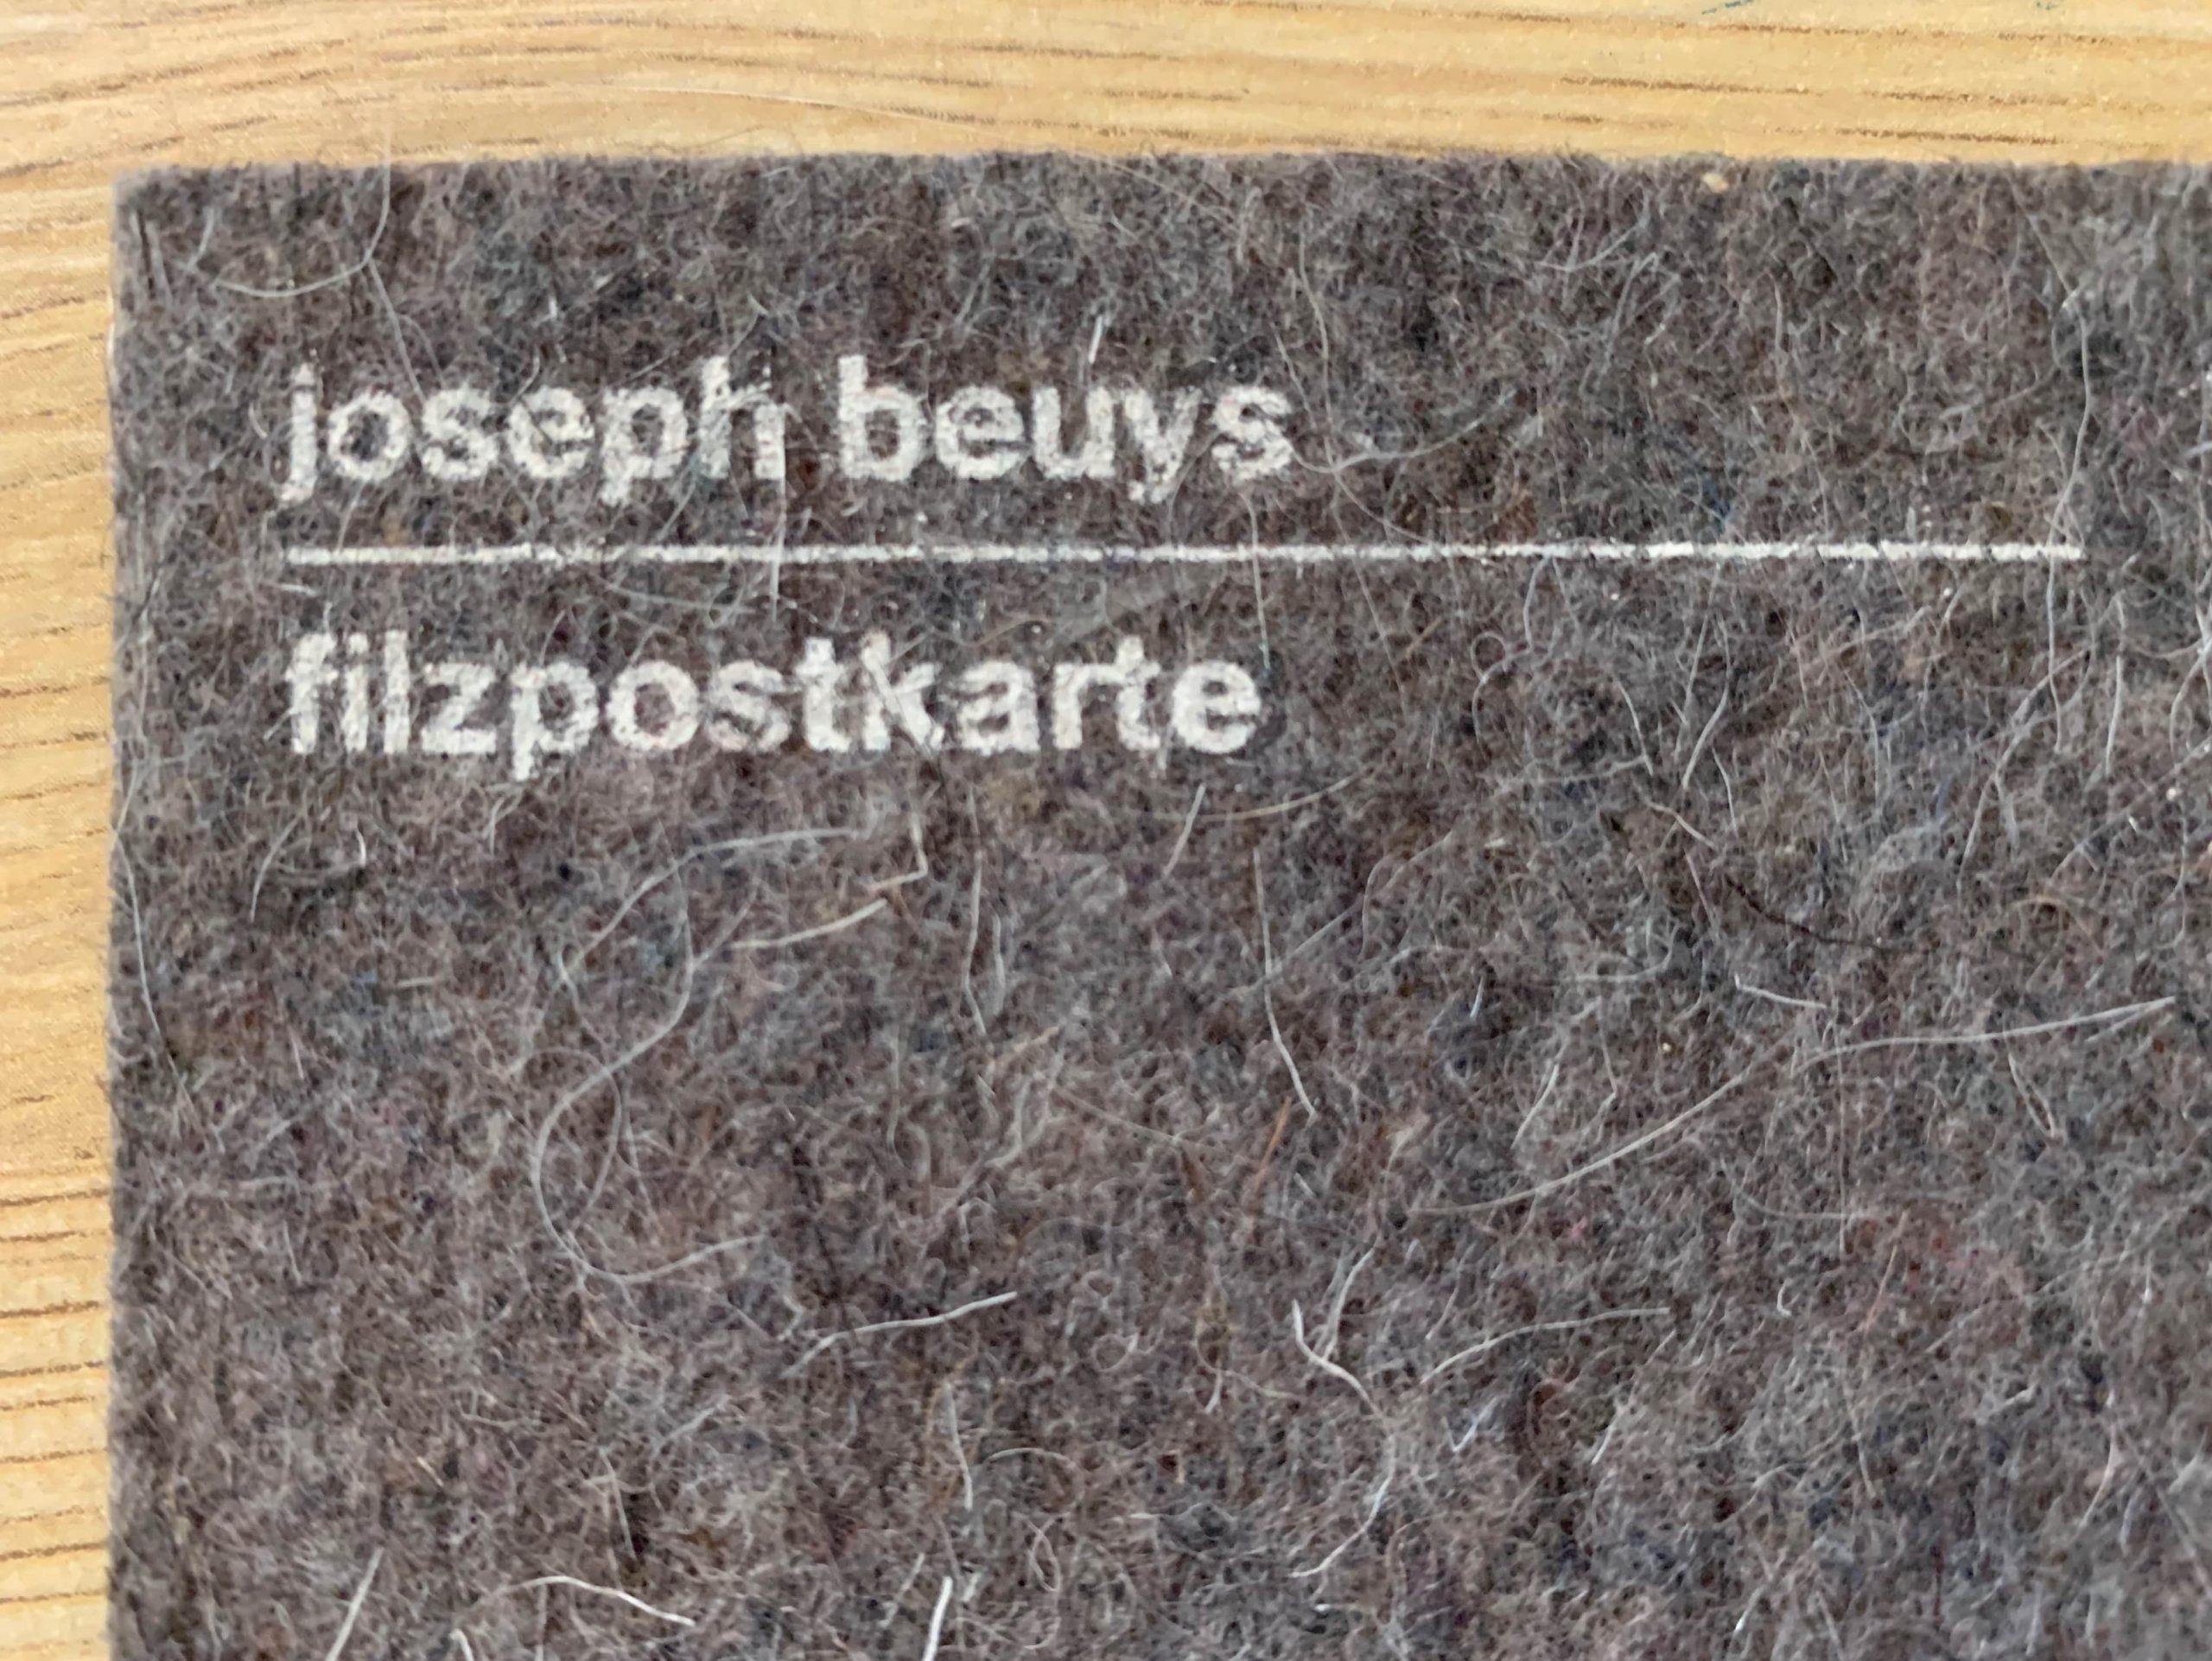 Filzpostkarte by Joseph Beuys